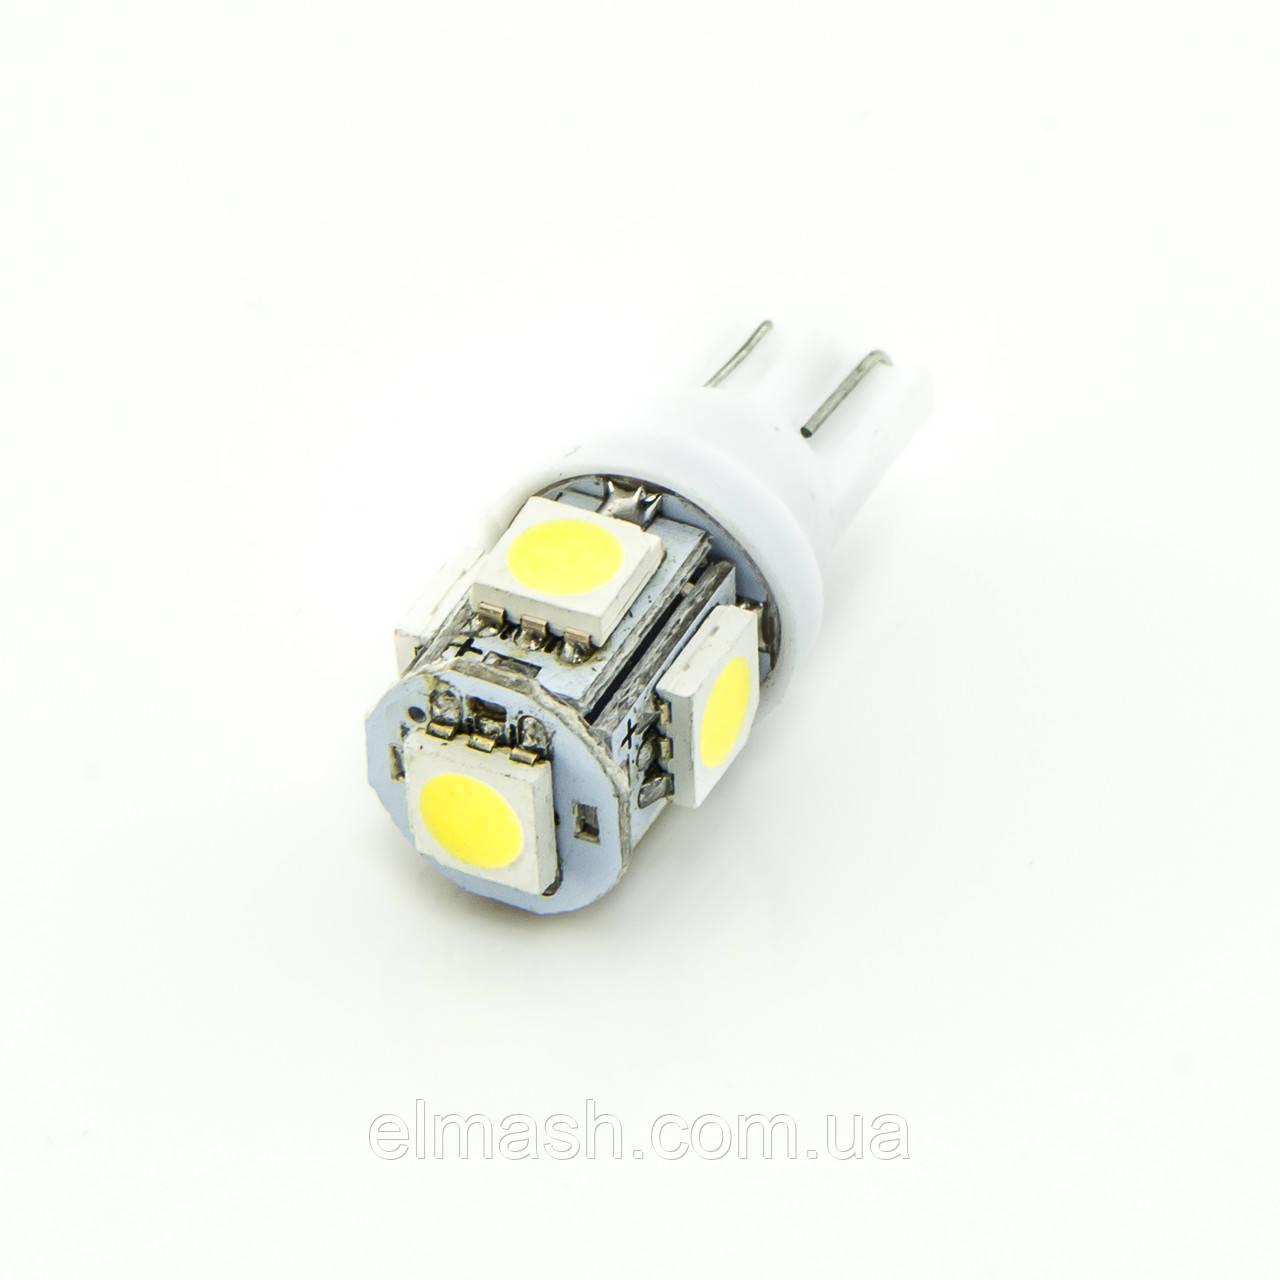 Лампа LED 12V T10 (W5W) 5SMD 5050 70Lm БЕЛЫЙ, фото 1